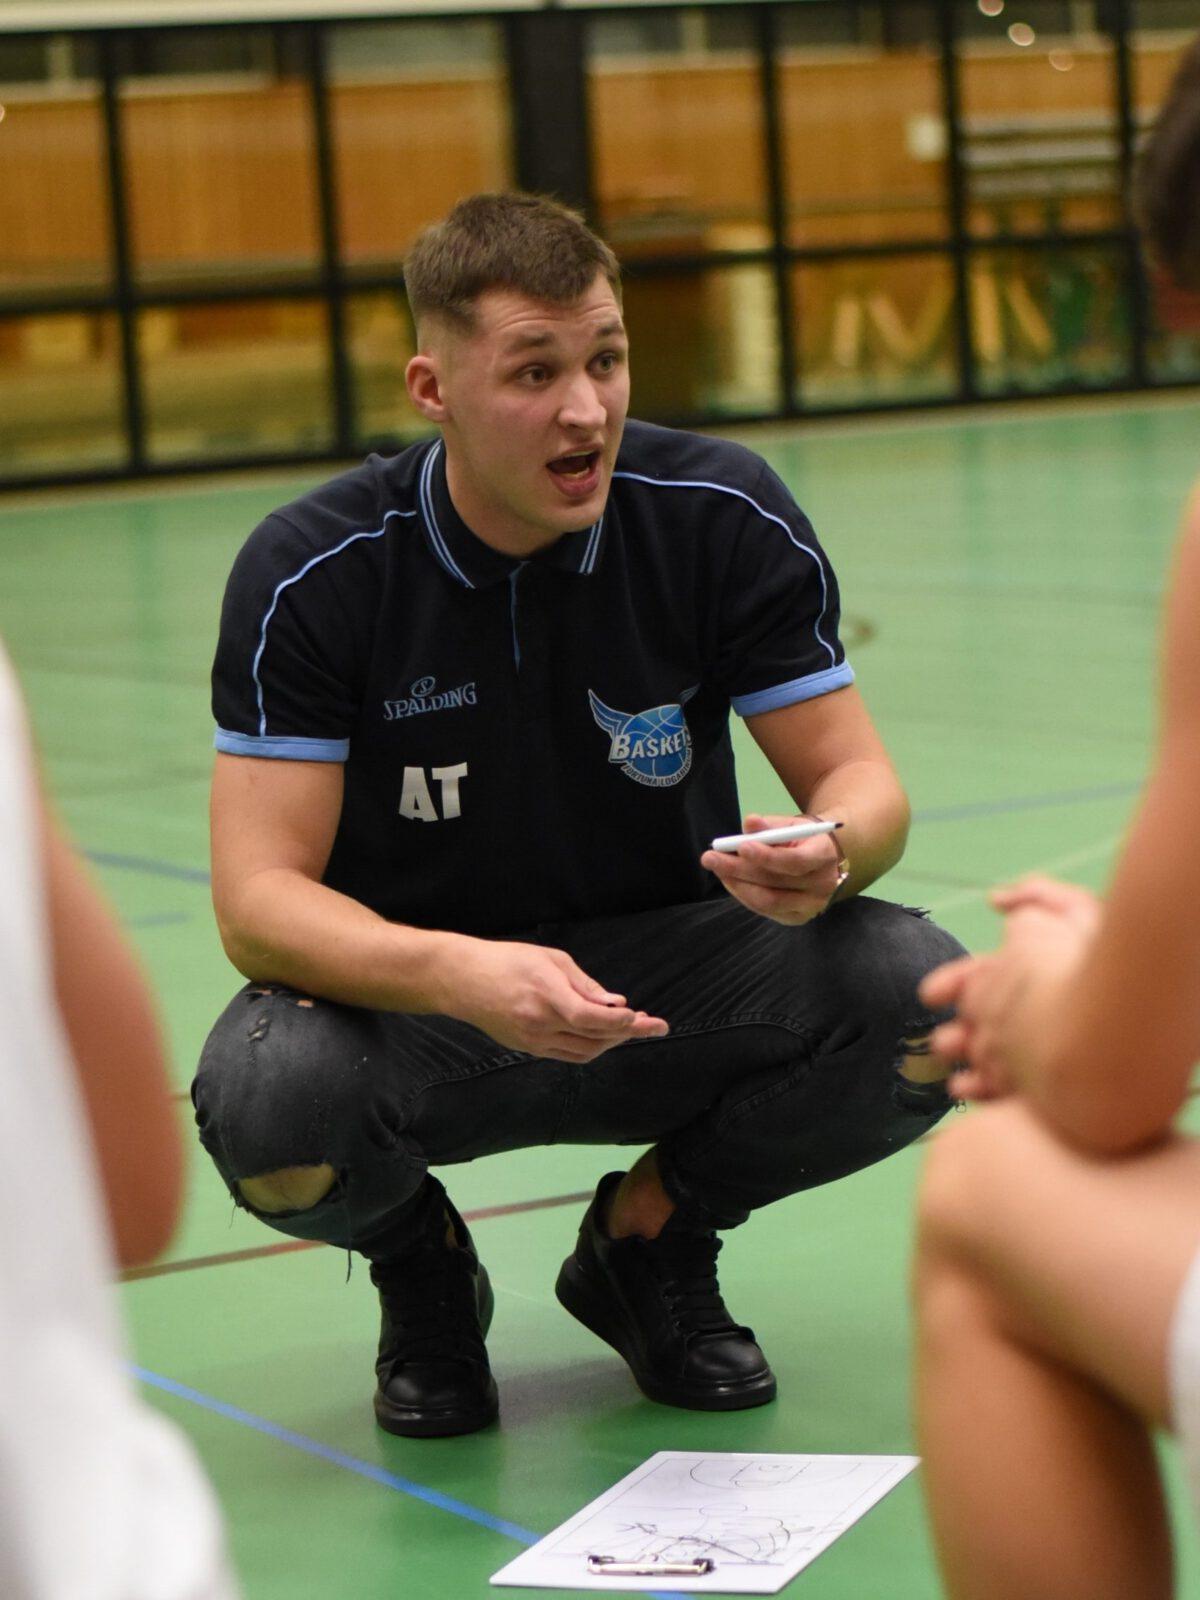 111:28 – U16 gewinnt Testspiel gegen Blau-Weiß Borssum mehr als deutlich